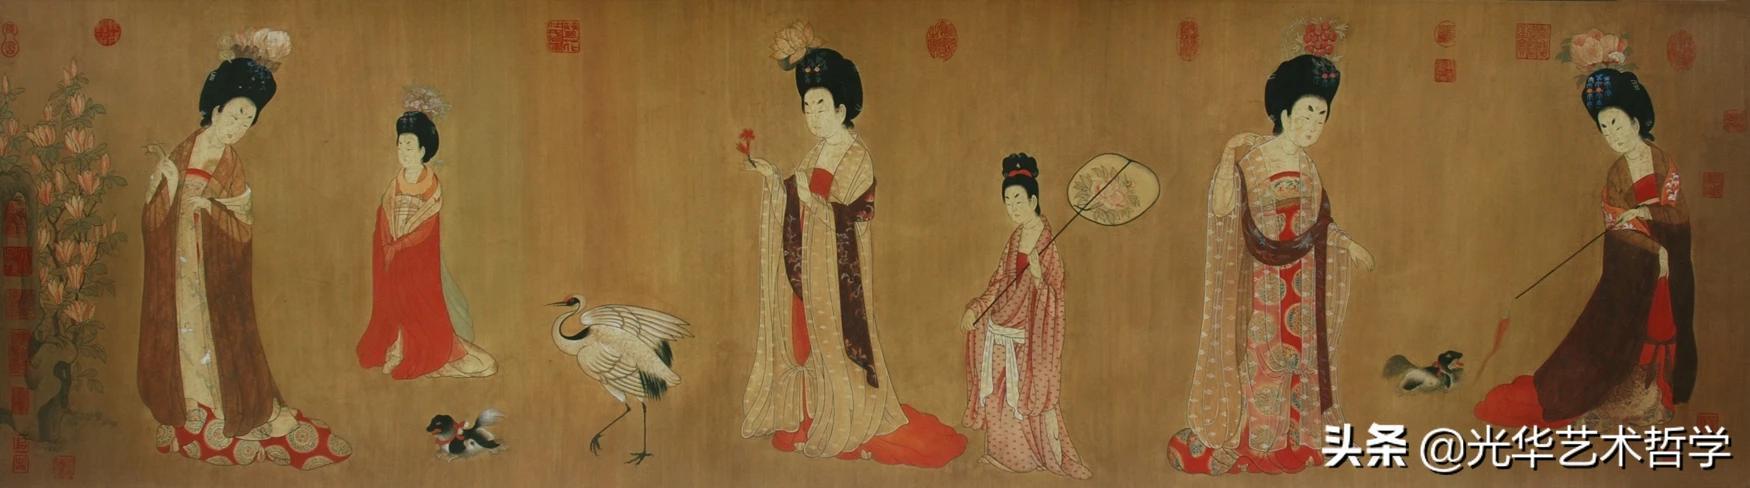 唐代仕女画的艺术特点?